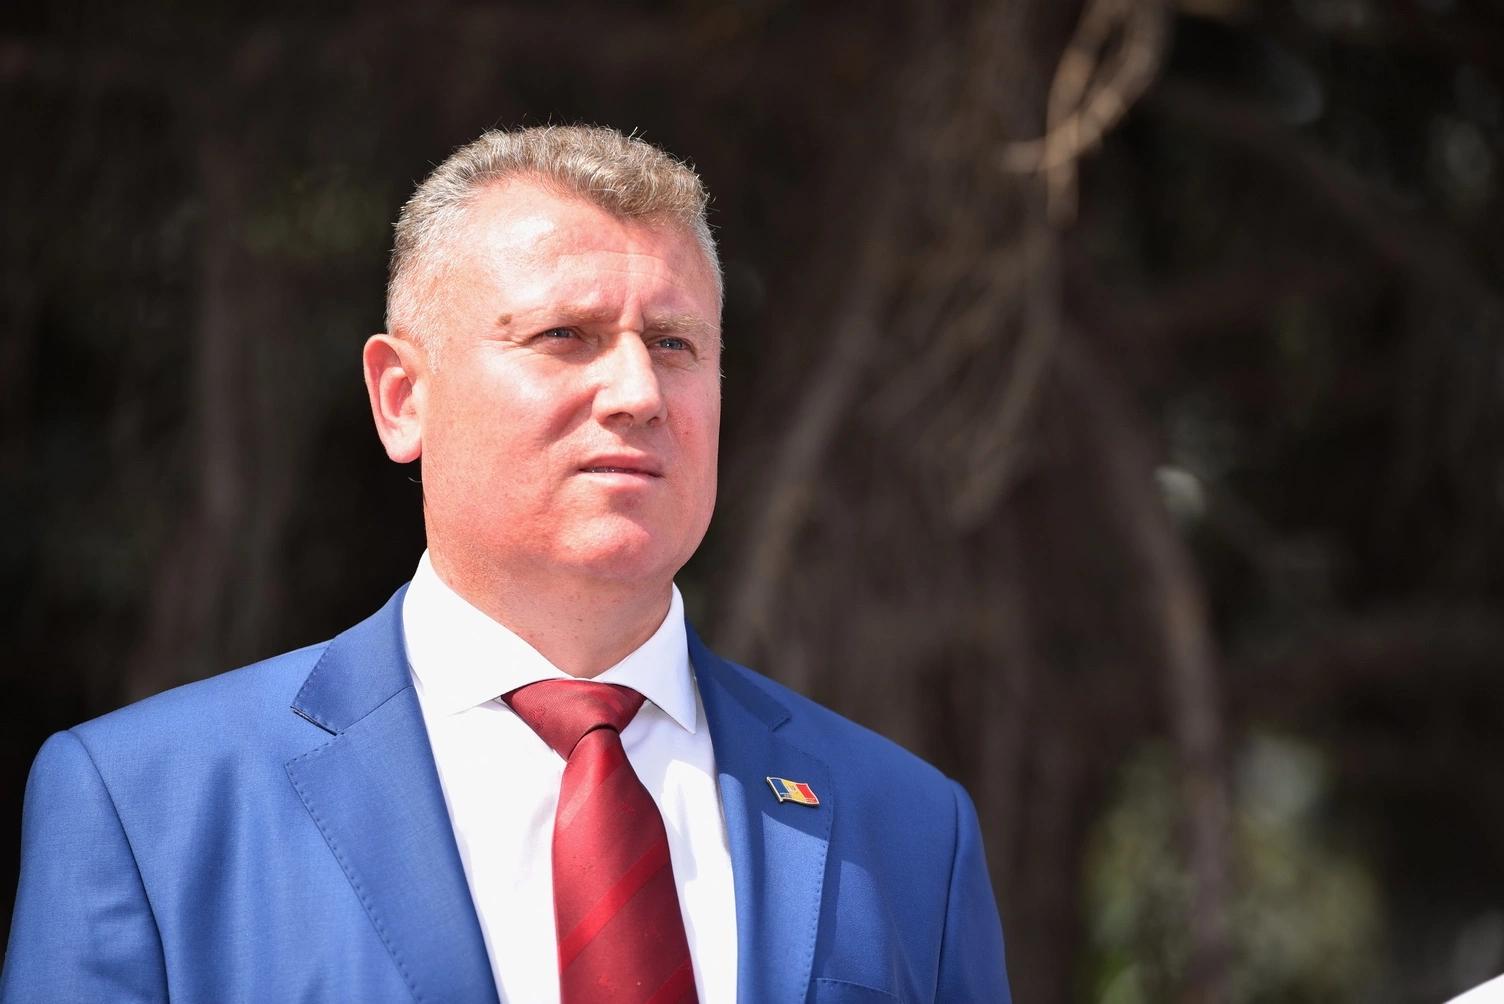 Locuitorii raionului Ungheni au înaintat în calitate de candidat pentru circumscripția electorală pe Ghenadi Mitriuc